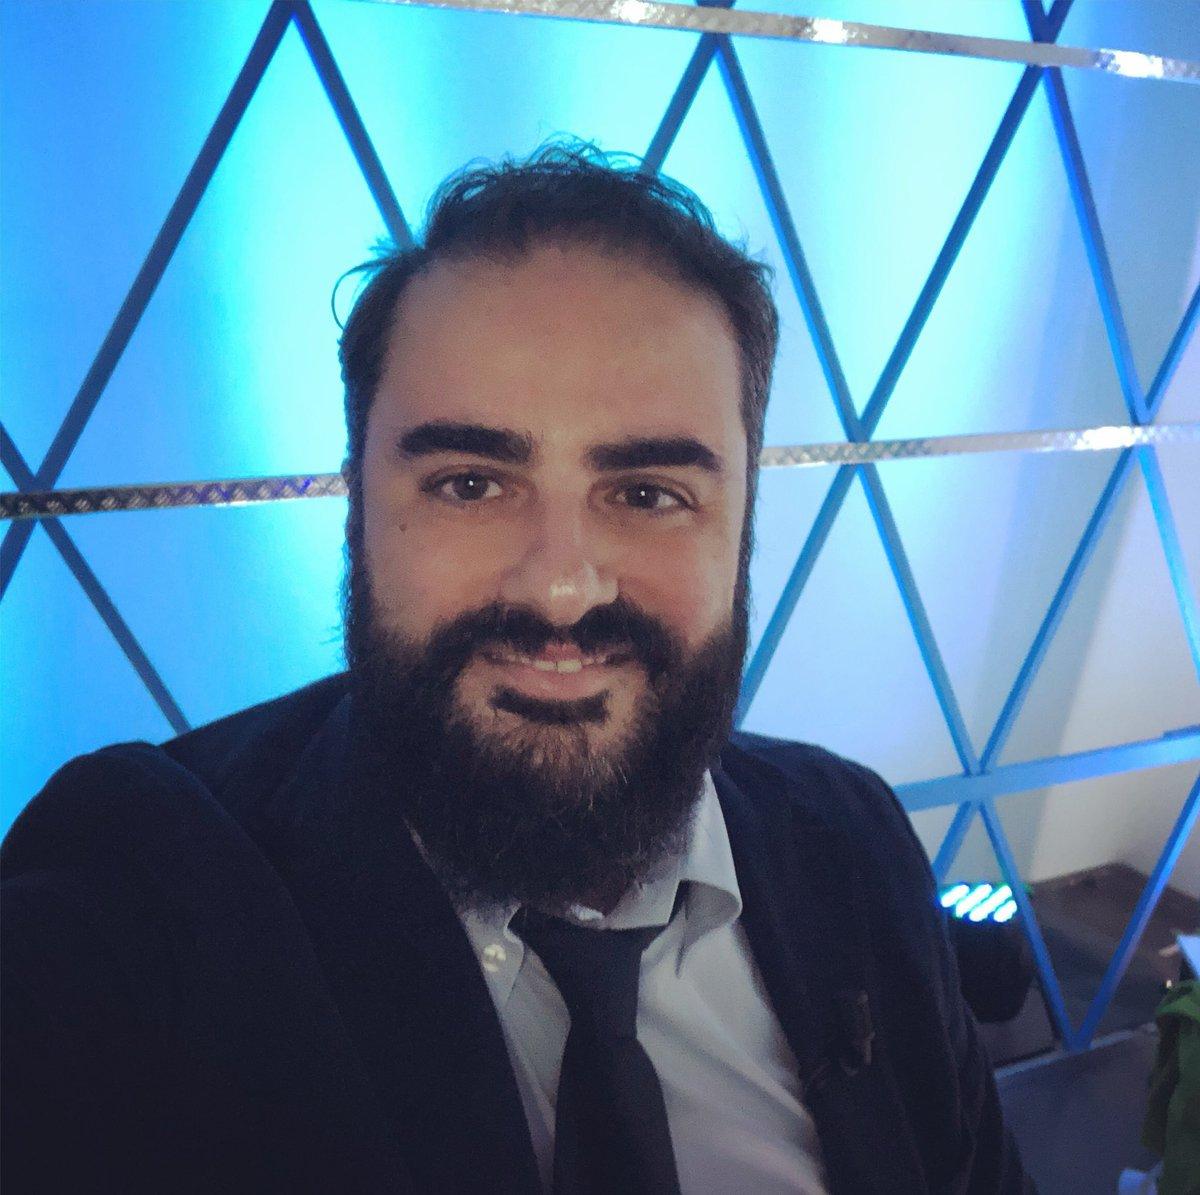 #NapoliShakhtar